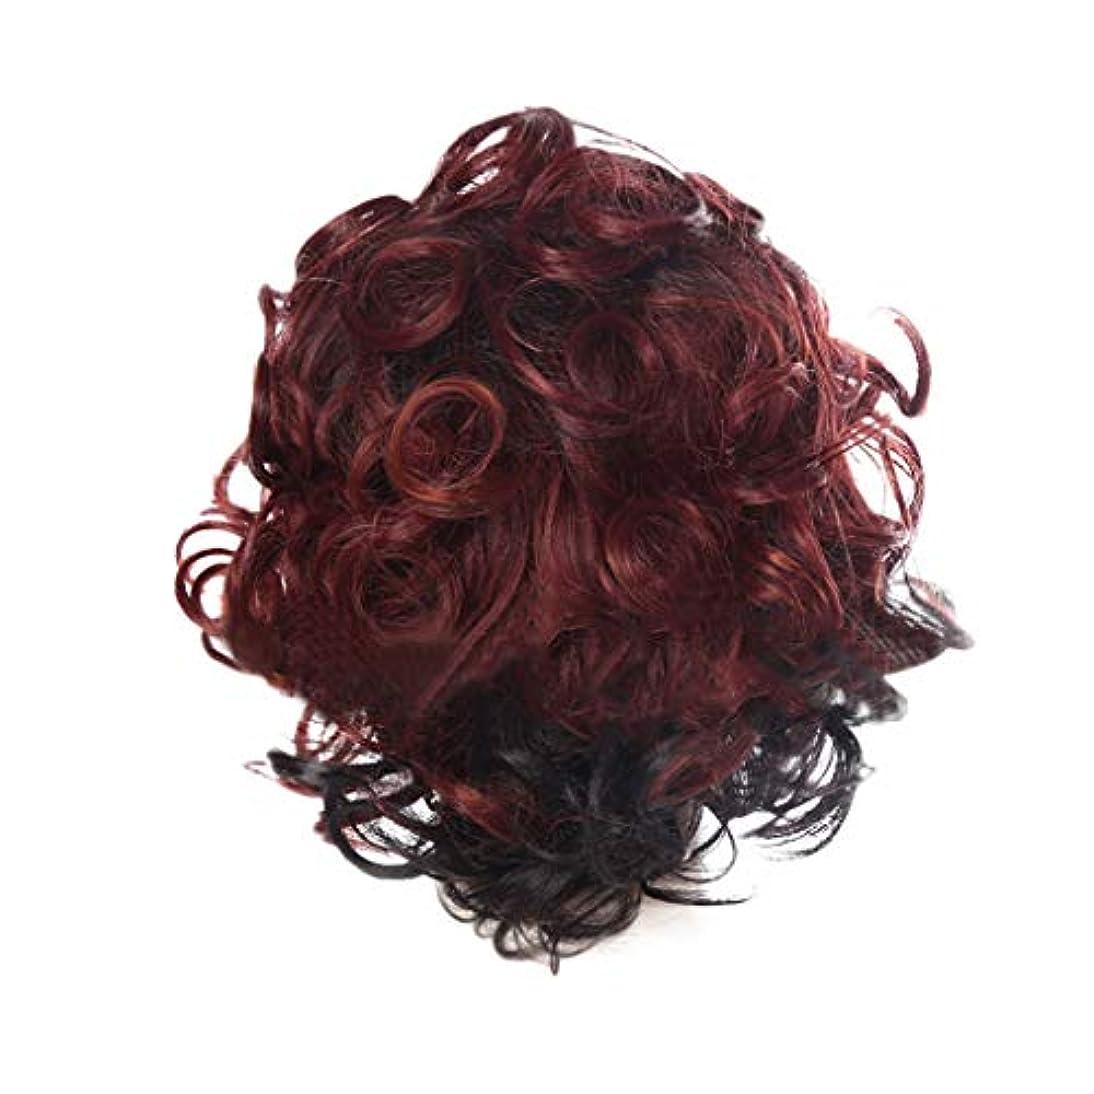 既に策定するパートナー女性の赤い短い巻き毛の人格爆発ヘッドかつら35 cmをかつら